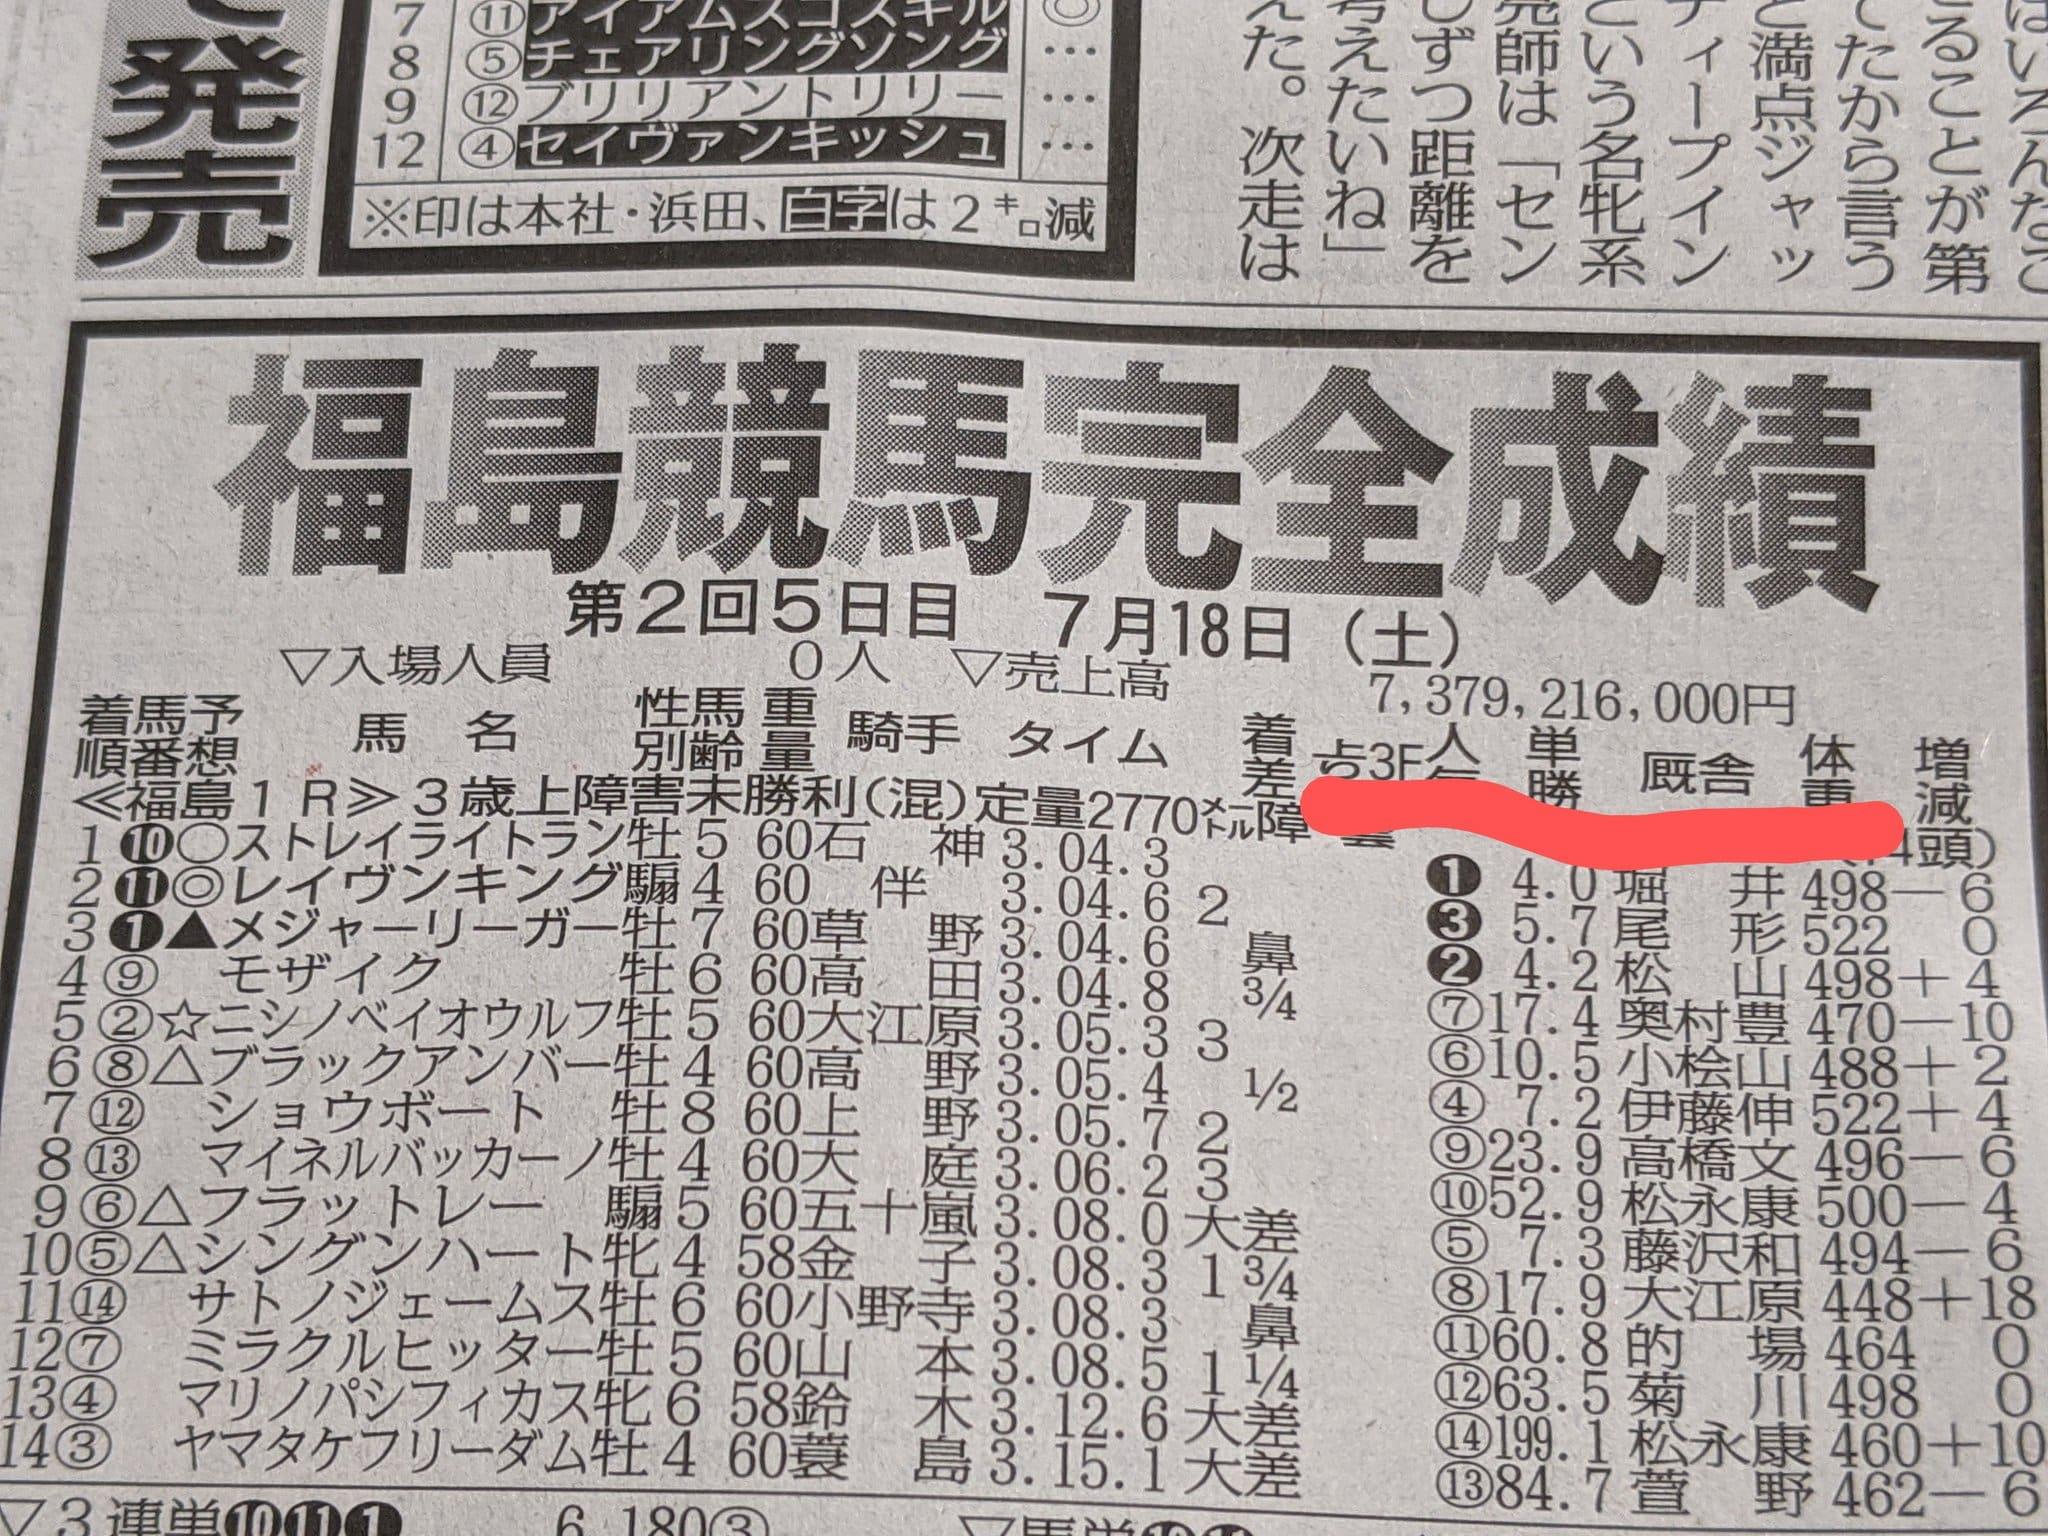 福島競馬 成績